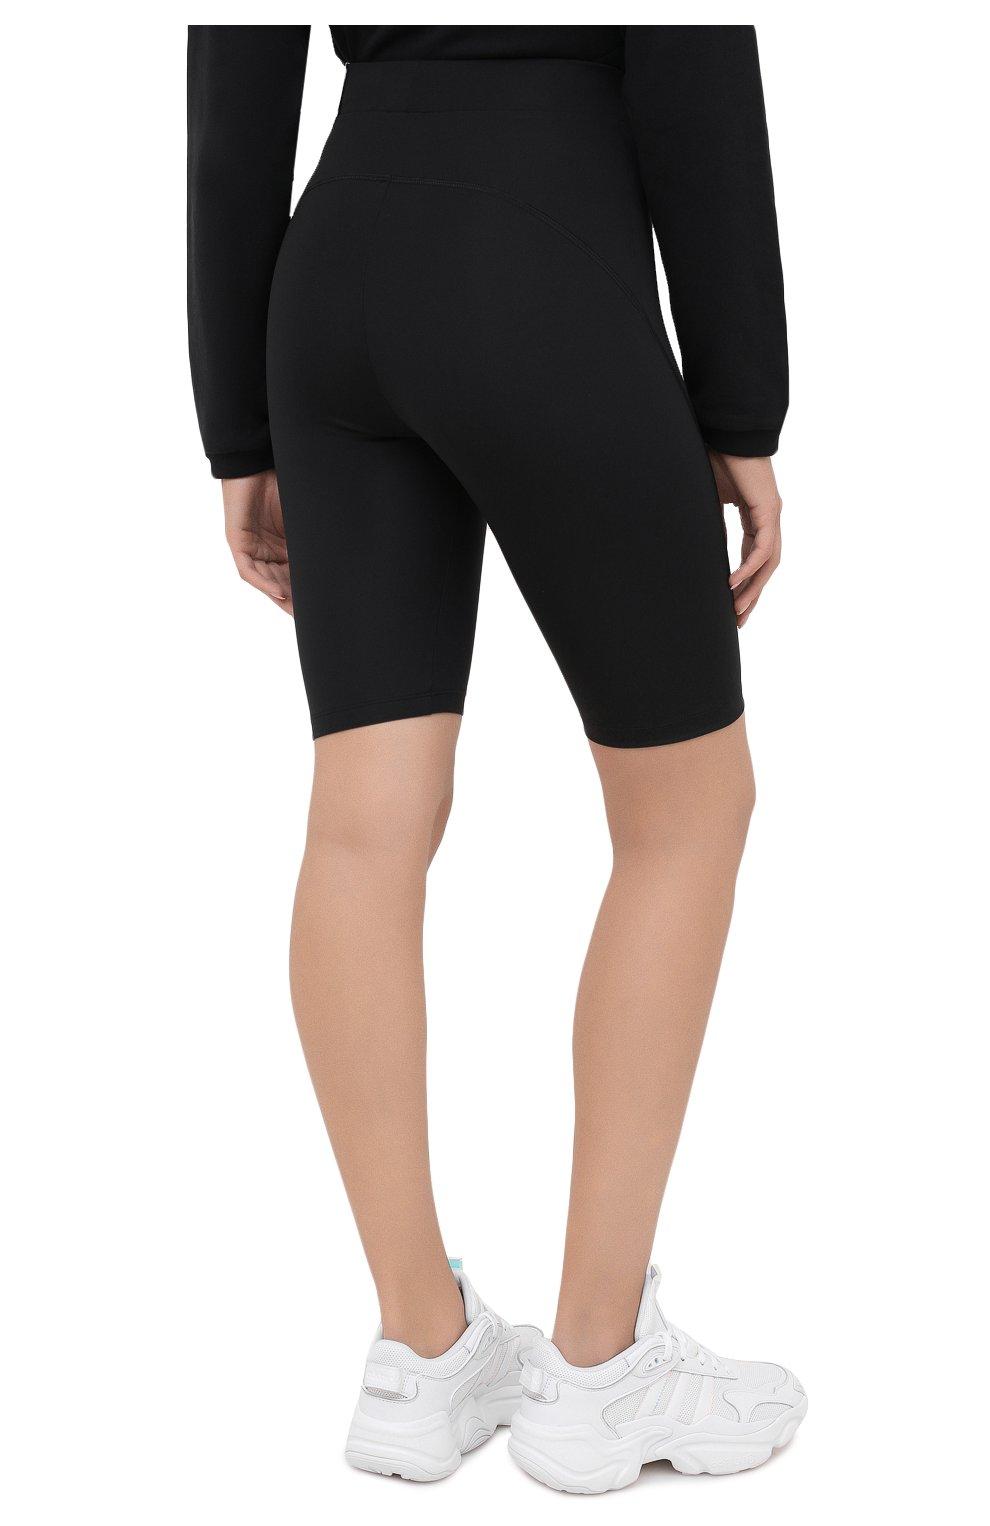 Женские шорты ADIDAS ORIGINALS черного цвета, арт. GD3882 | Фото 4 (Длина Ж (юбки, платья, шорты): Мини; Кросс-КТ: Спорт)